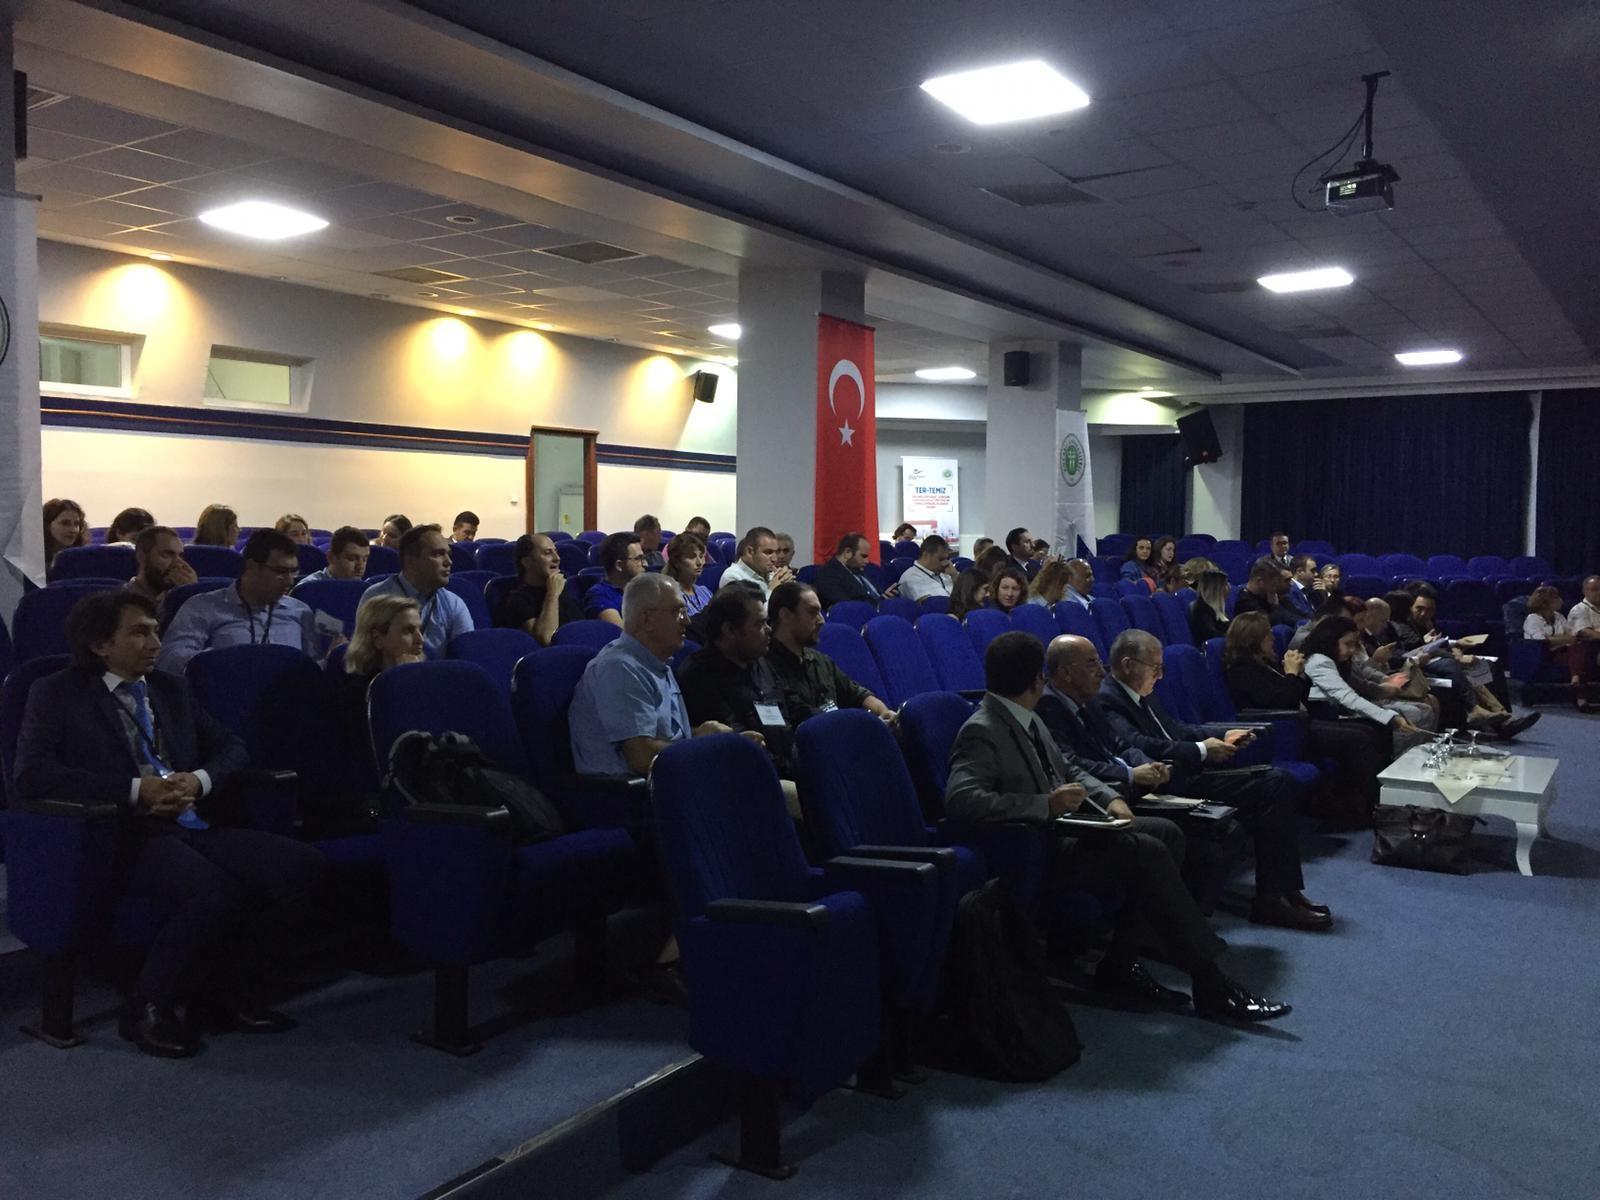 Tersanelerin Deniz Çevresine Olan Etkileri ve Temiz Üretim Tekniklerinin Belirlenmesi (TER-TEMİZ) Projesi Açılış ve Çalıştayı Yapıldı.